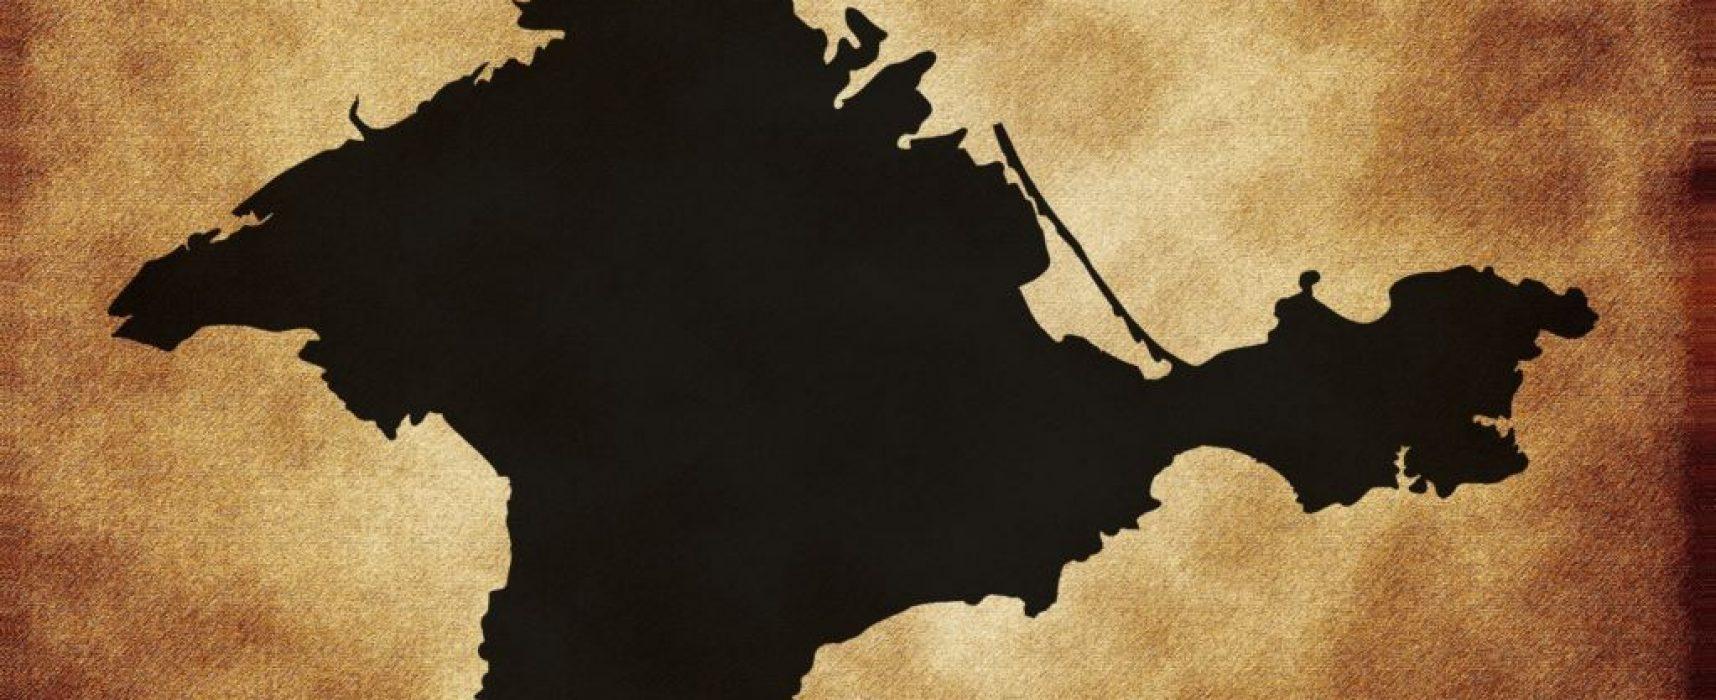 Виталий Портников: Крымский канон Путина